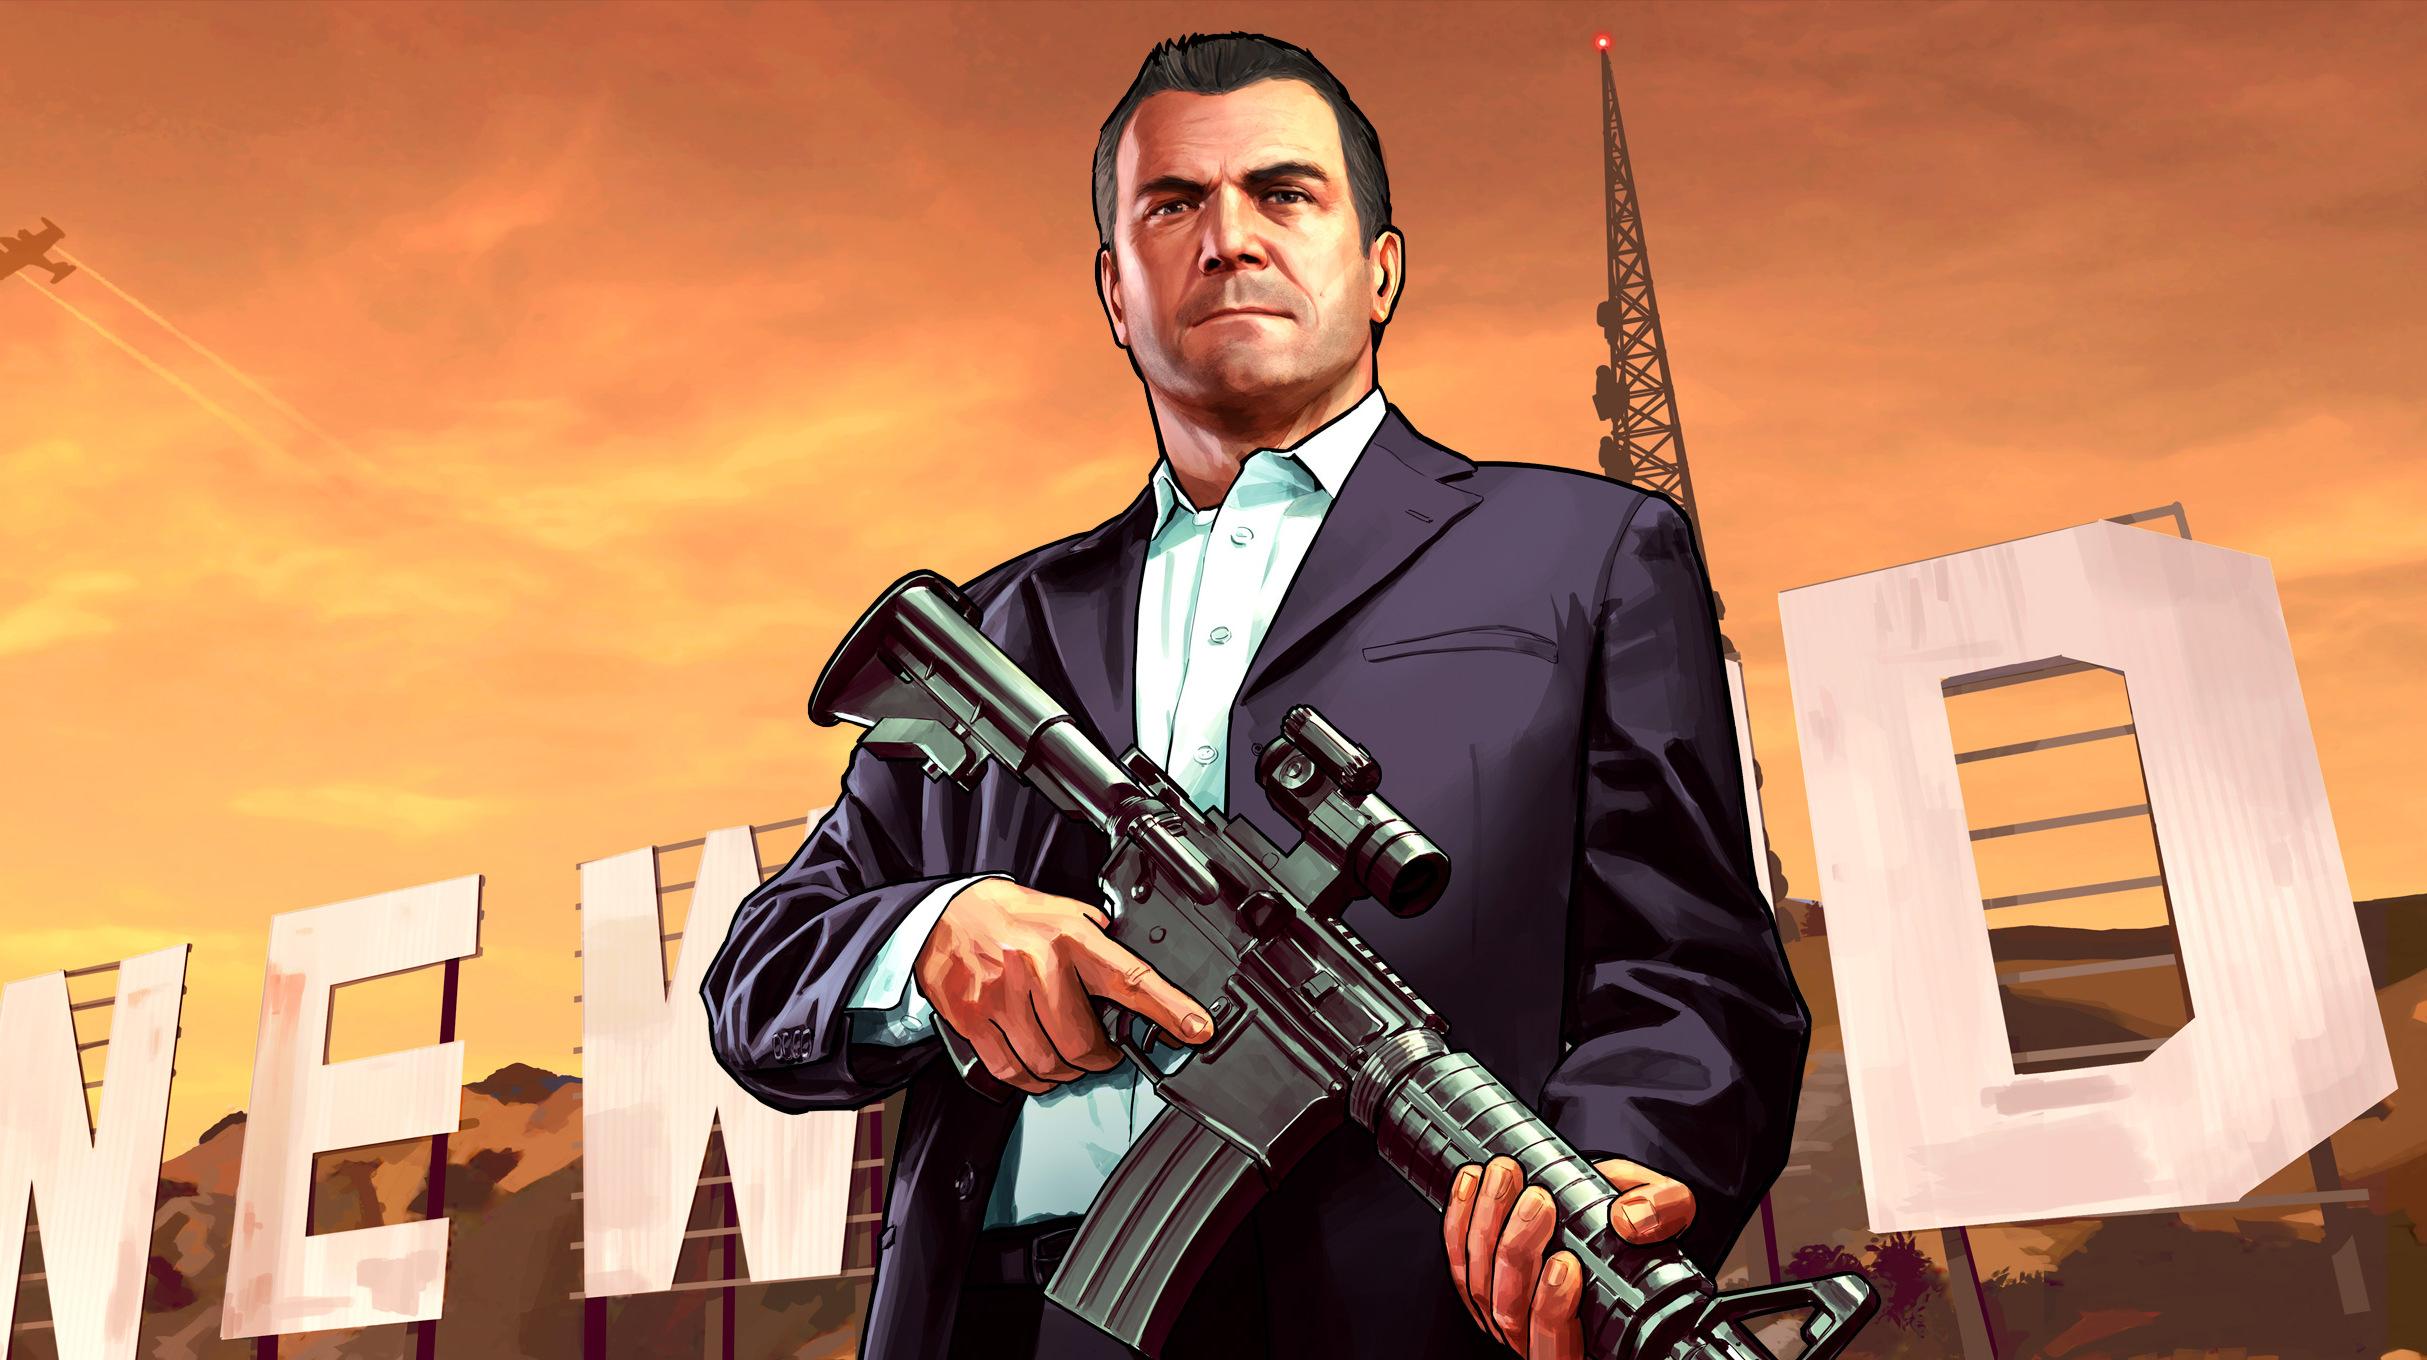 Grand Theft auto 5 V Análisis Review español (17)